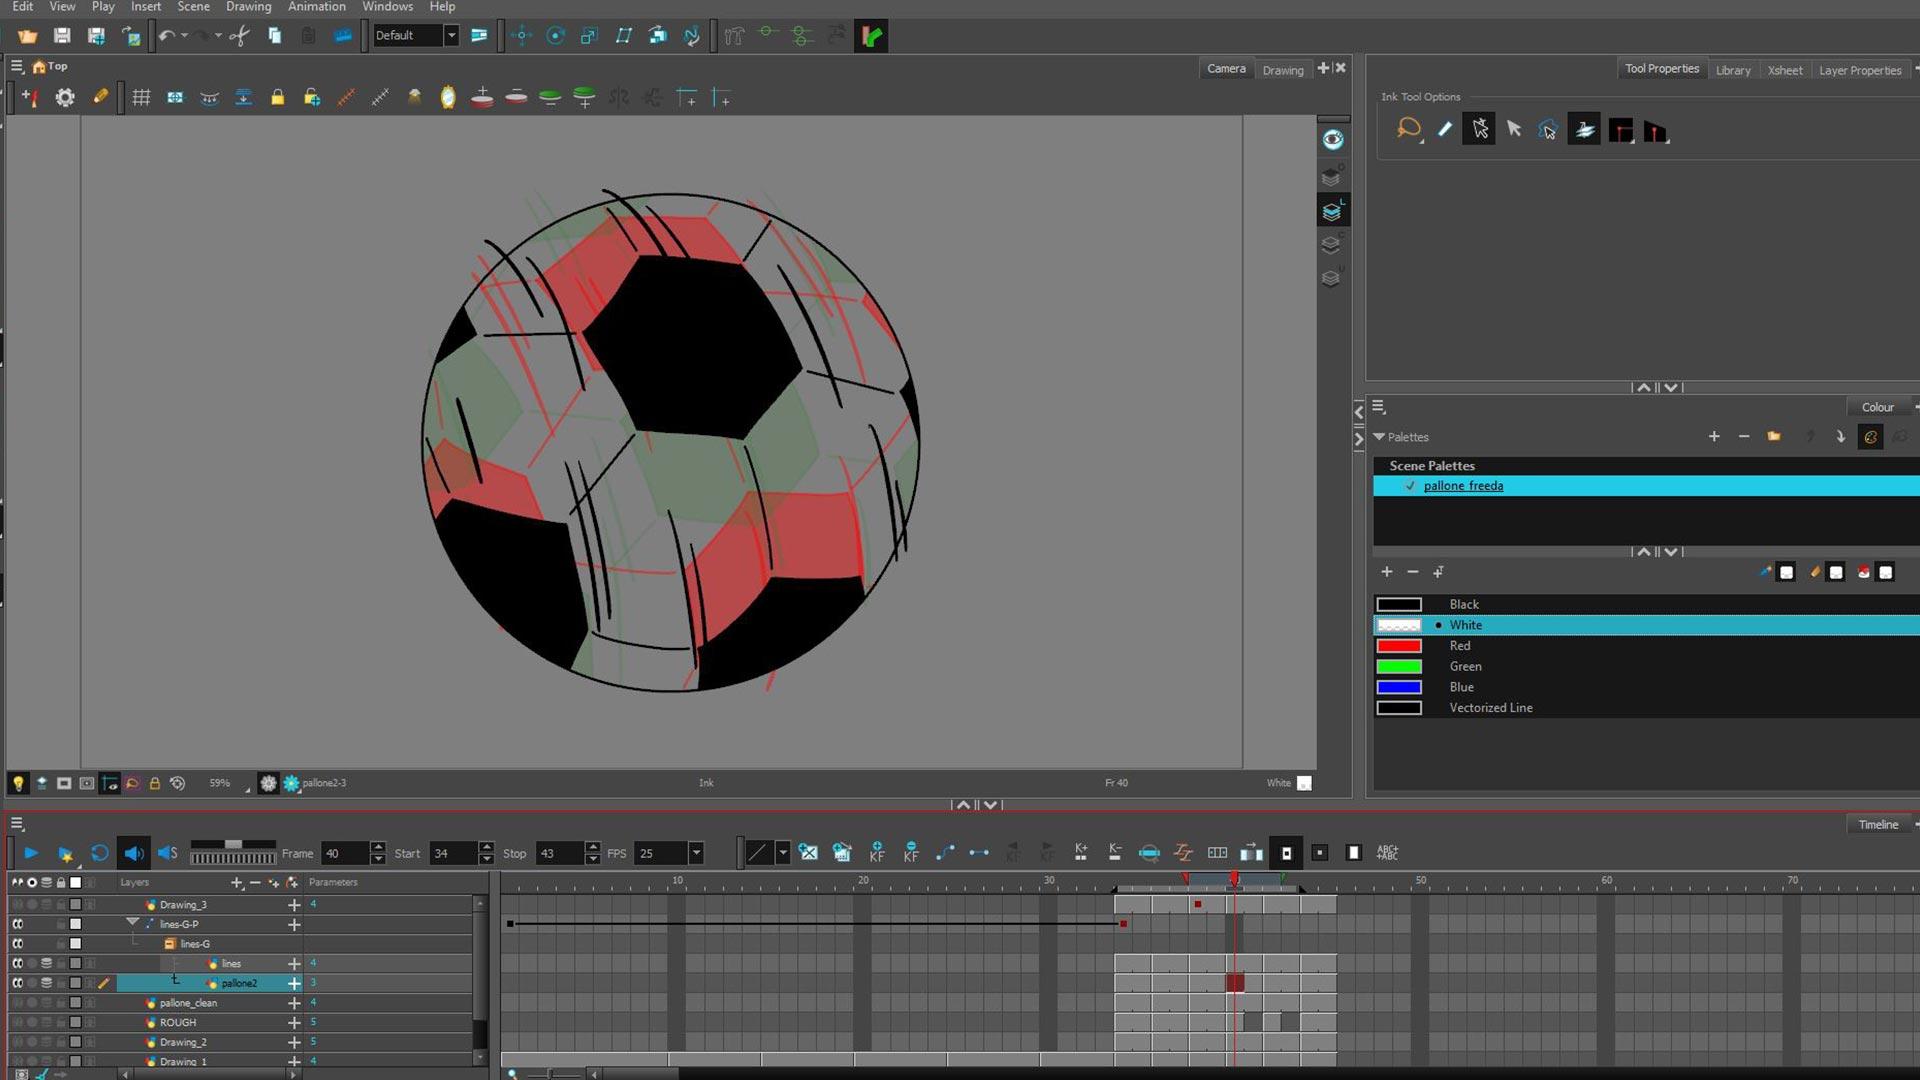 Uniche_animation_character_racoonstudio_motion_freeda_9